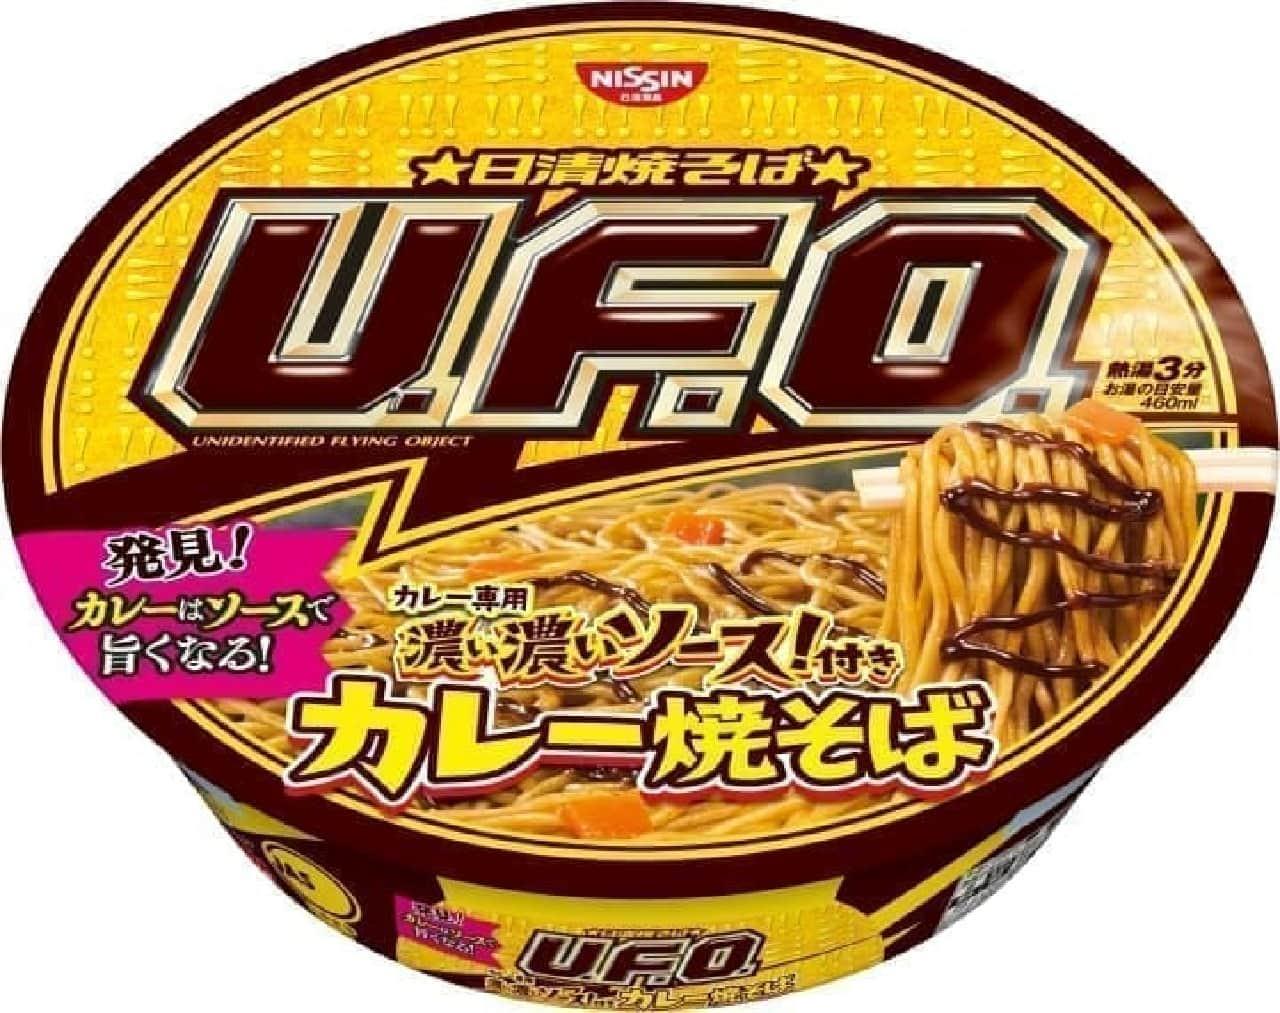 日清焼そばU.F.O. カレー専用濃い濃いソース付き カレー焼そば